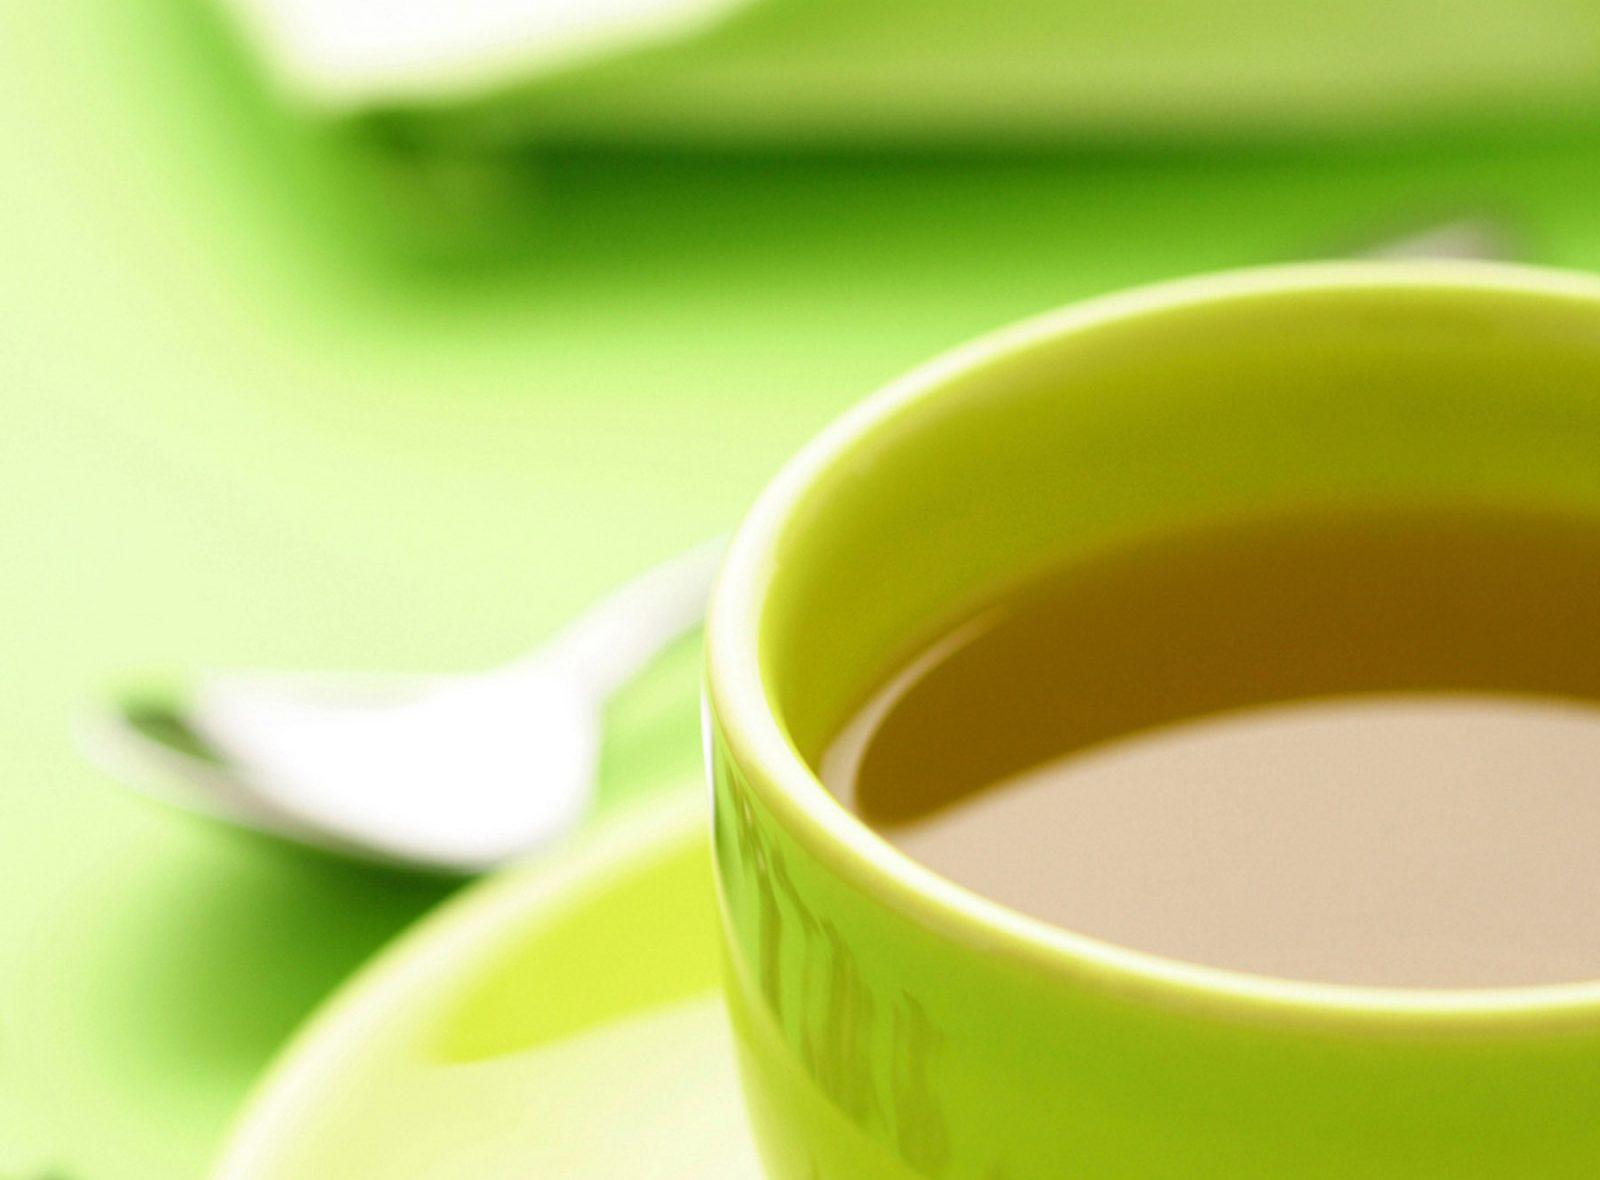 O chá verde é um grande aliado à saúde. Aqui estão seus principais benefícios